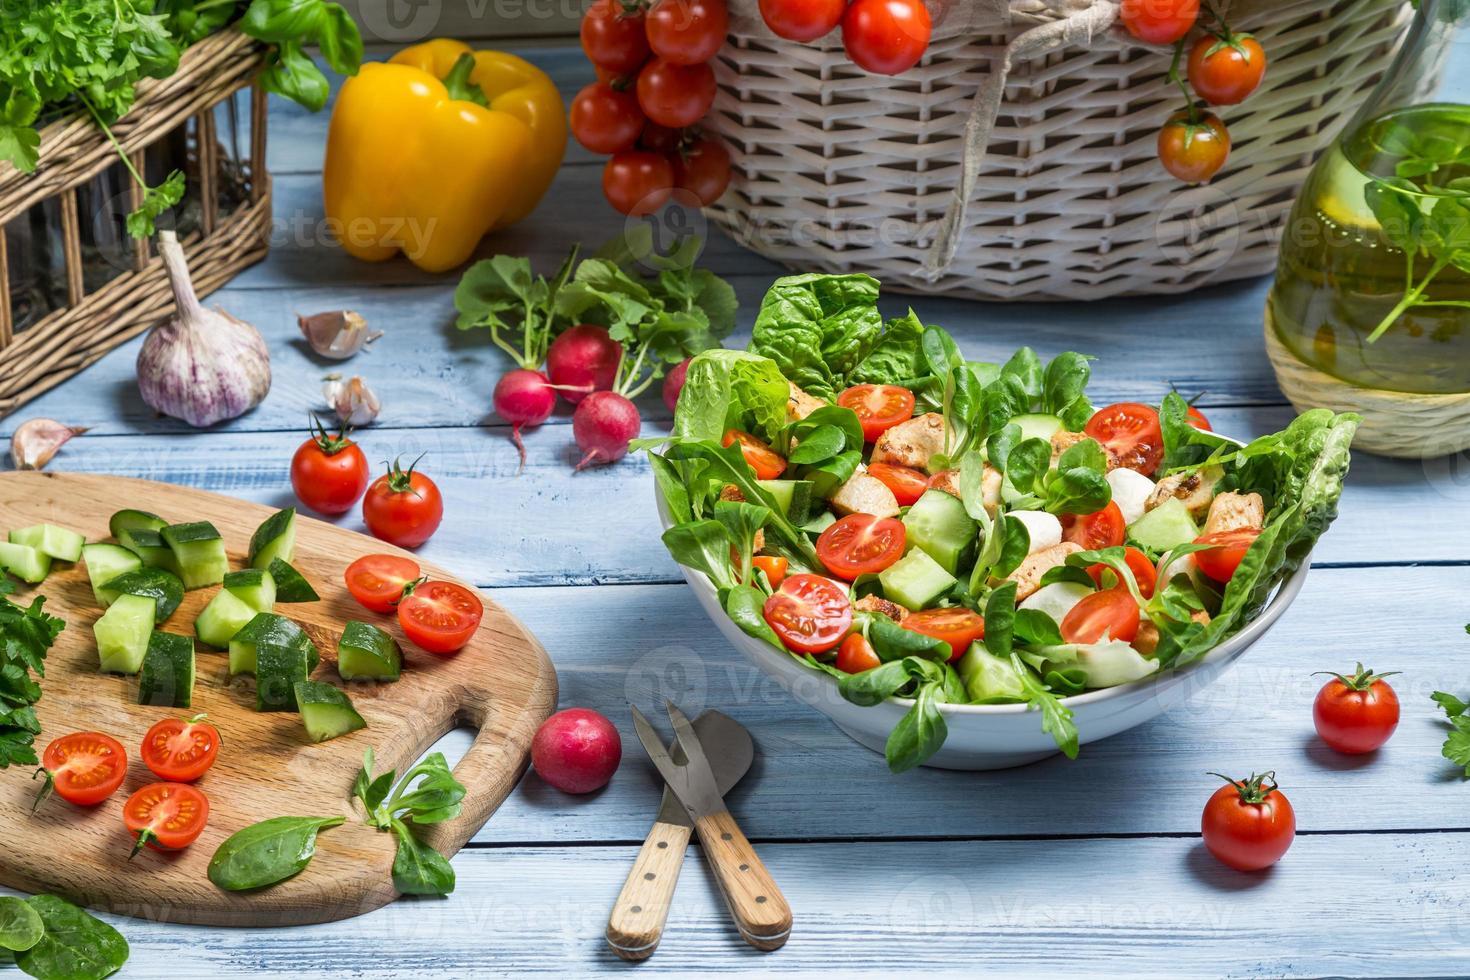 Preparing a healthy spring salad photo